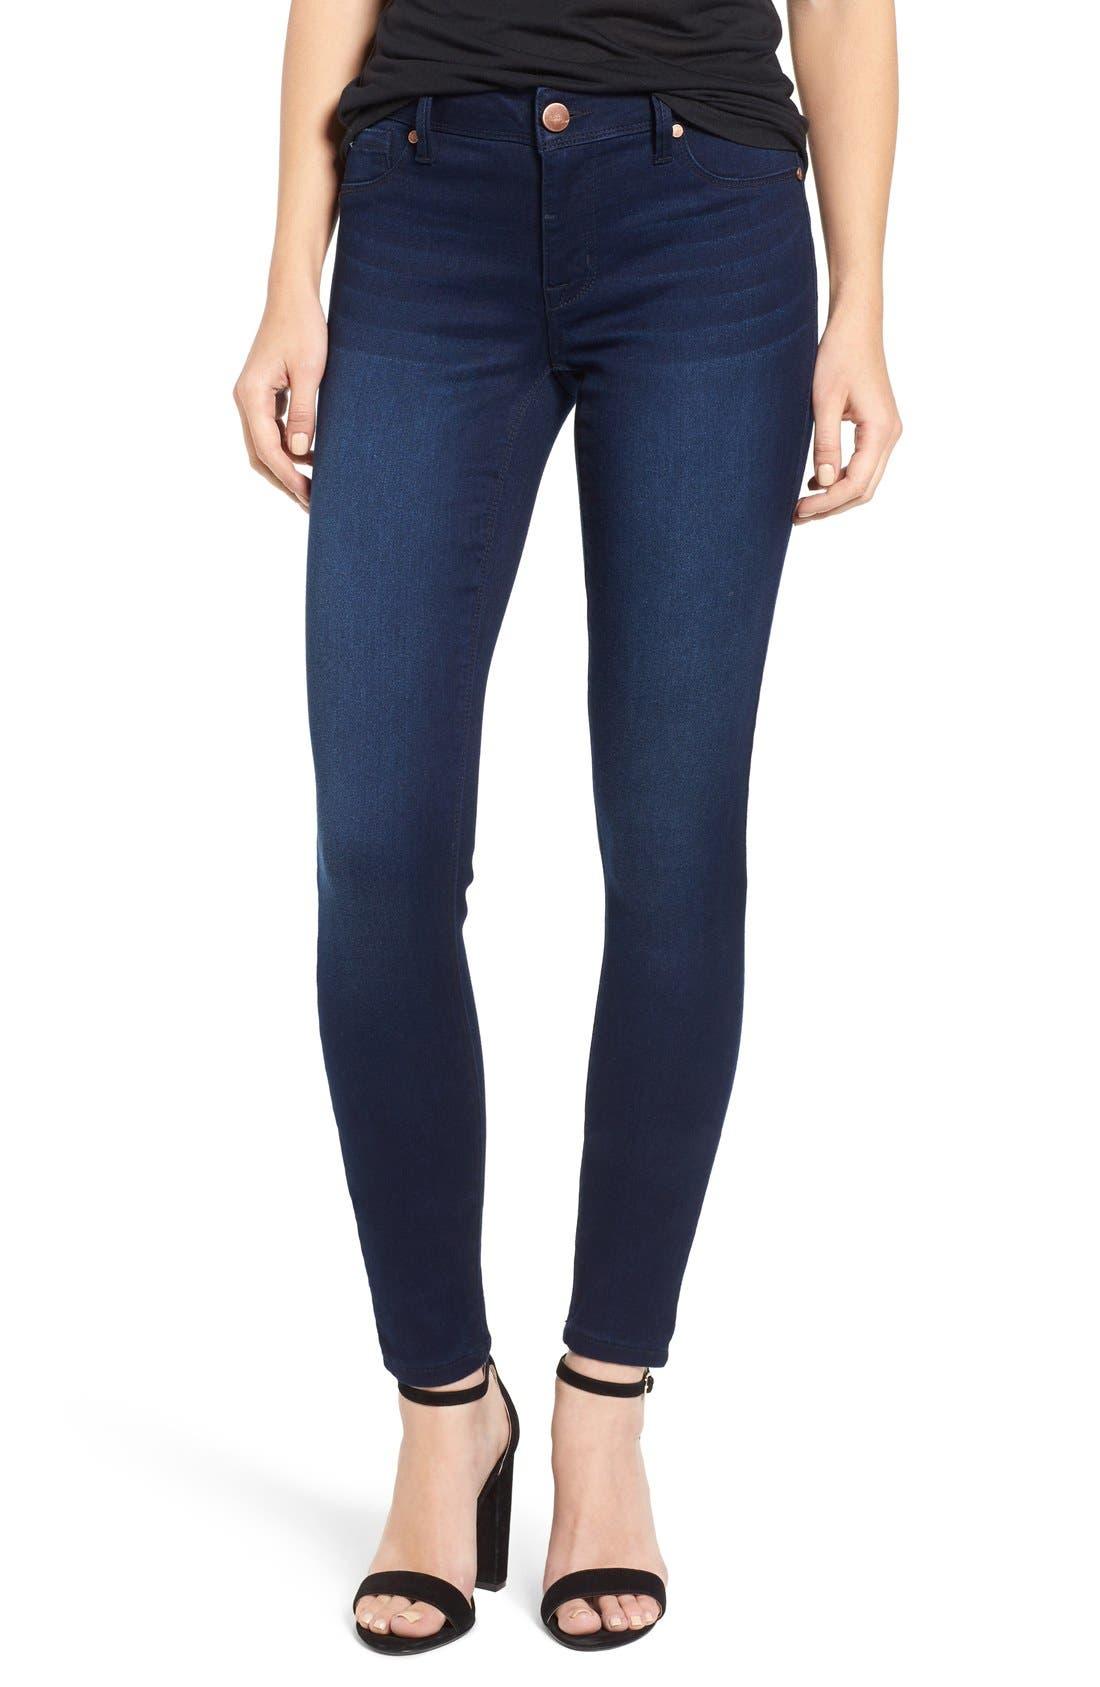 Skinny Fit Jeans For Men